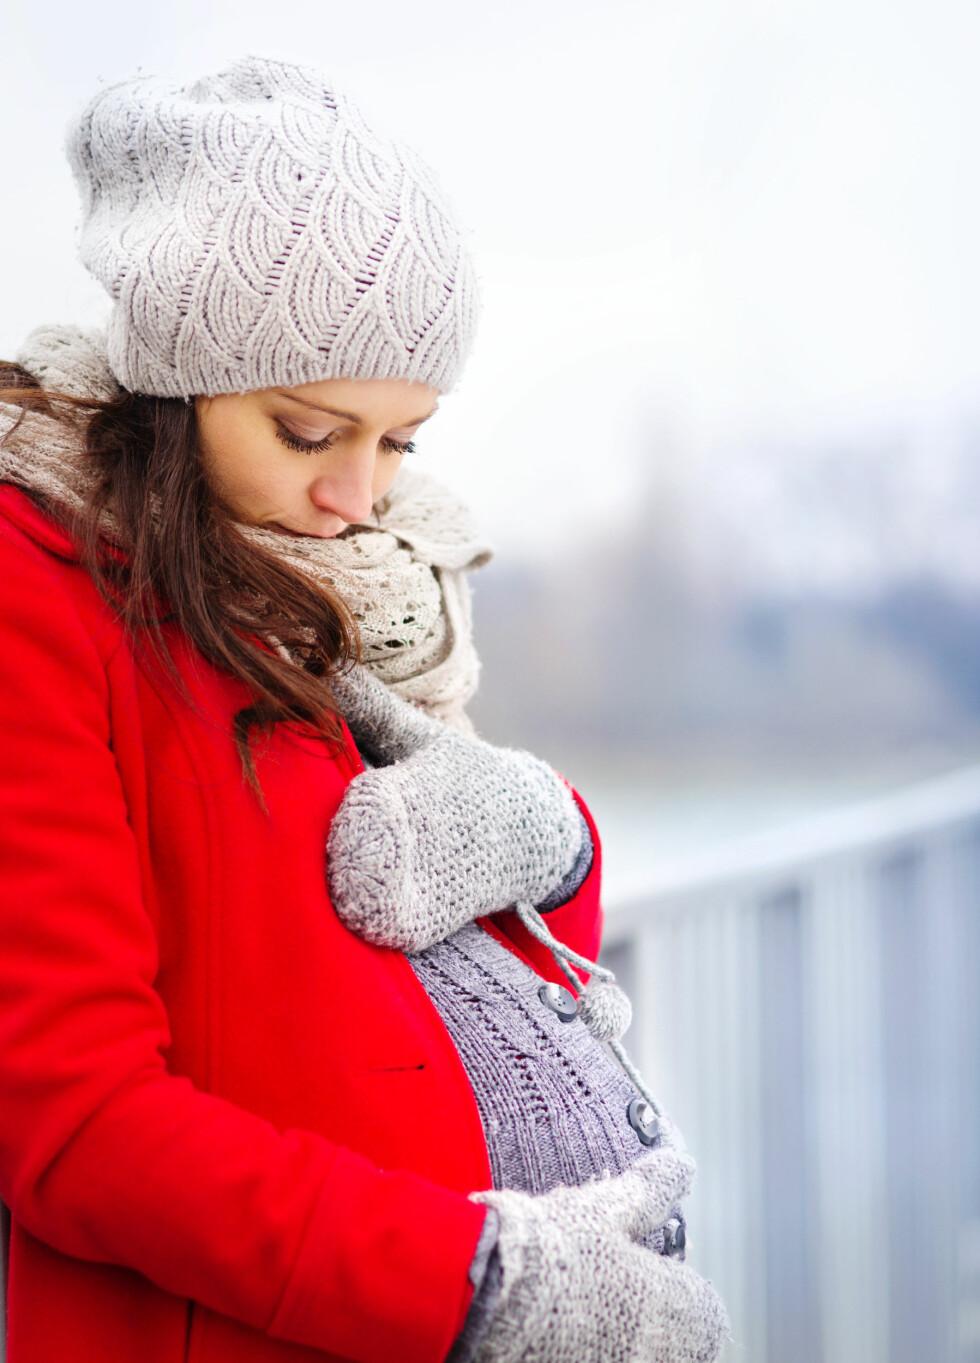 ANBEFALES VAKSINE: I de aller fleste tilfeller kommer du deg trygt igjennom en influensa selv om du er gravid, men gravide anbefales å ta vaksine, da viruset kan skade både mor og barn.  Foto: Scanpix